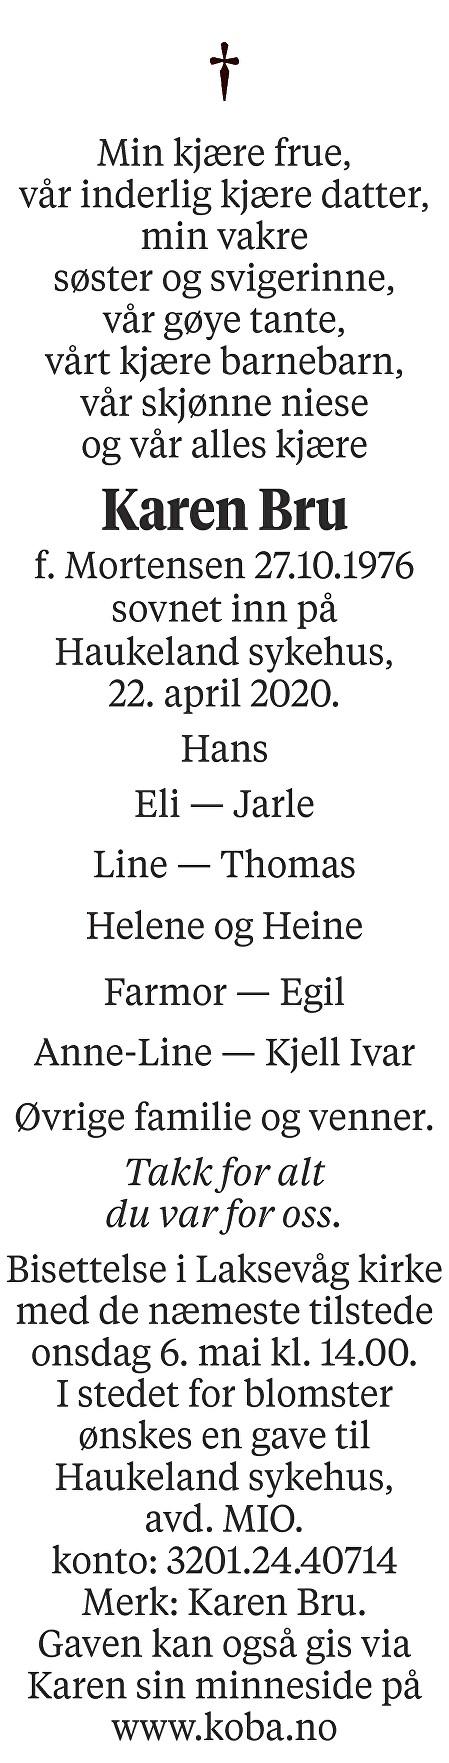 Karen Bru Dødsannonse